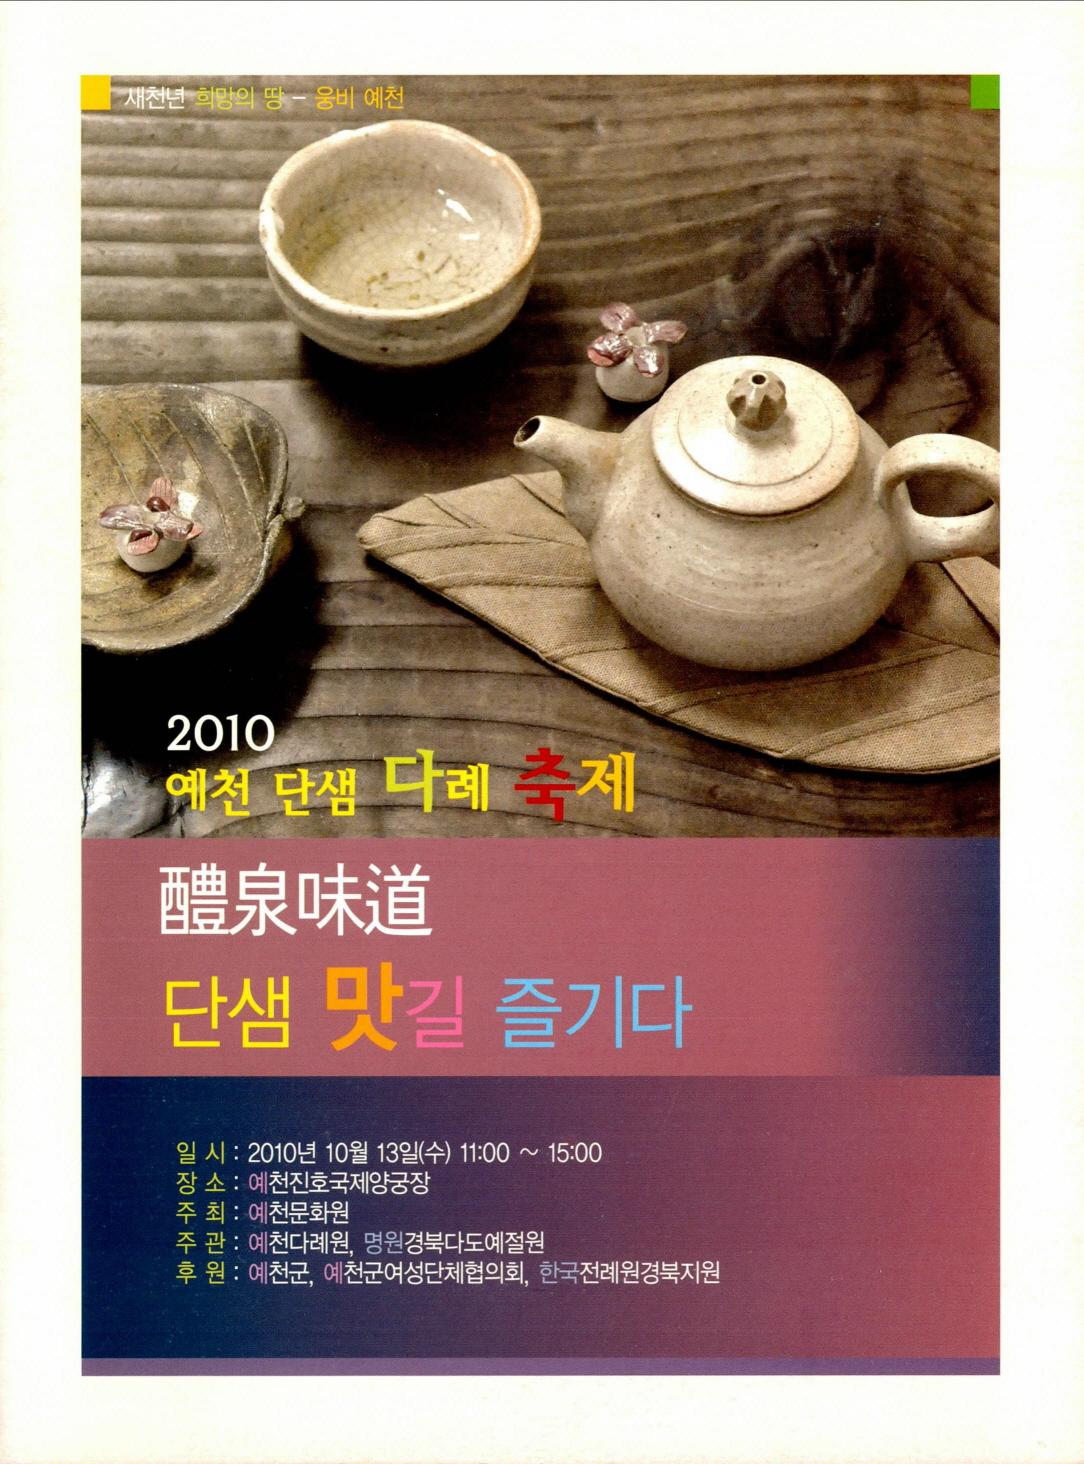 2010 예천단샘다례축제 단샘맛길즐기다 <리플렛>